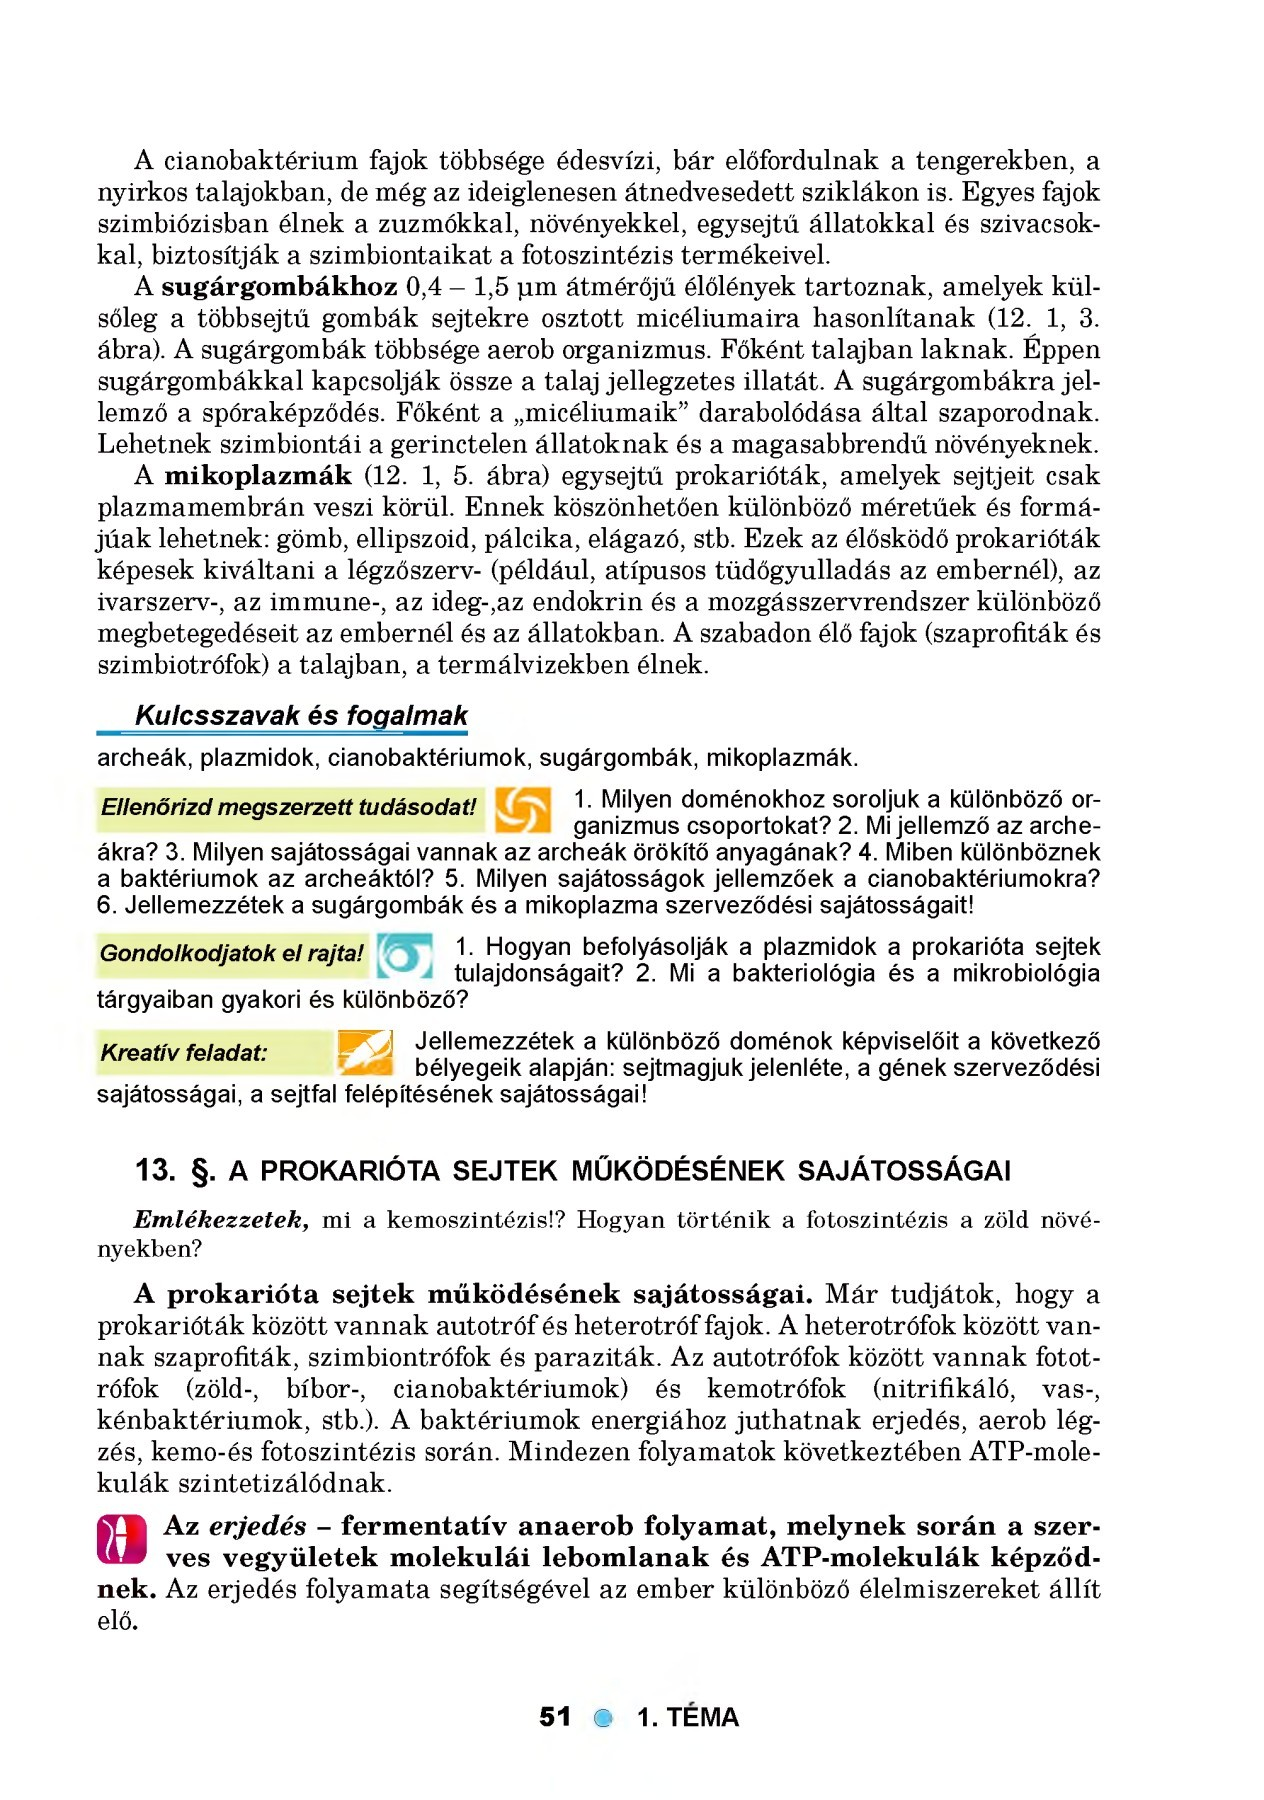 Apicomplexan paraziták apikális komplex